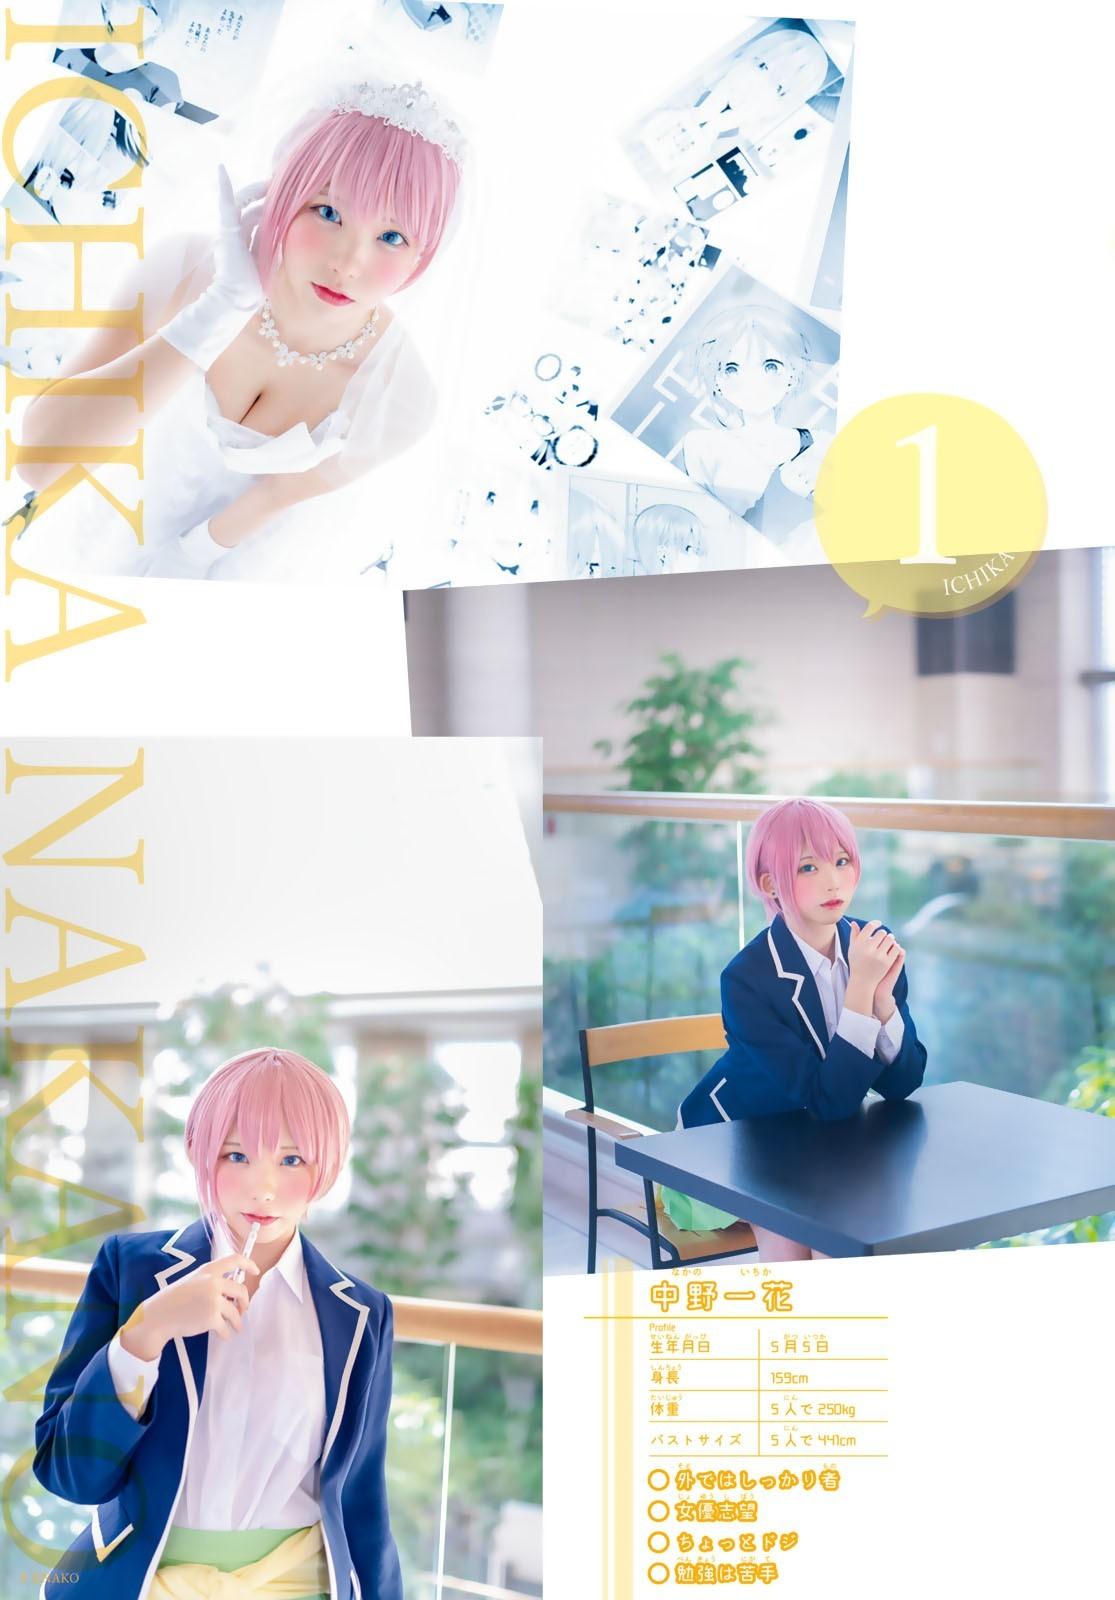 日本美少女enako一人分饰五角,cosplay《五等分的花嫁》中的妹子 第6张